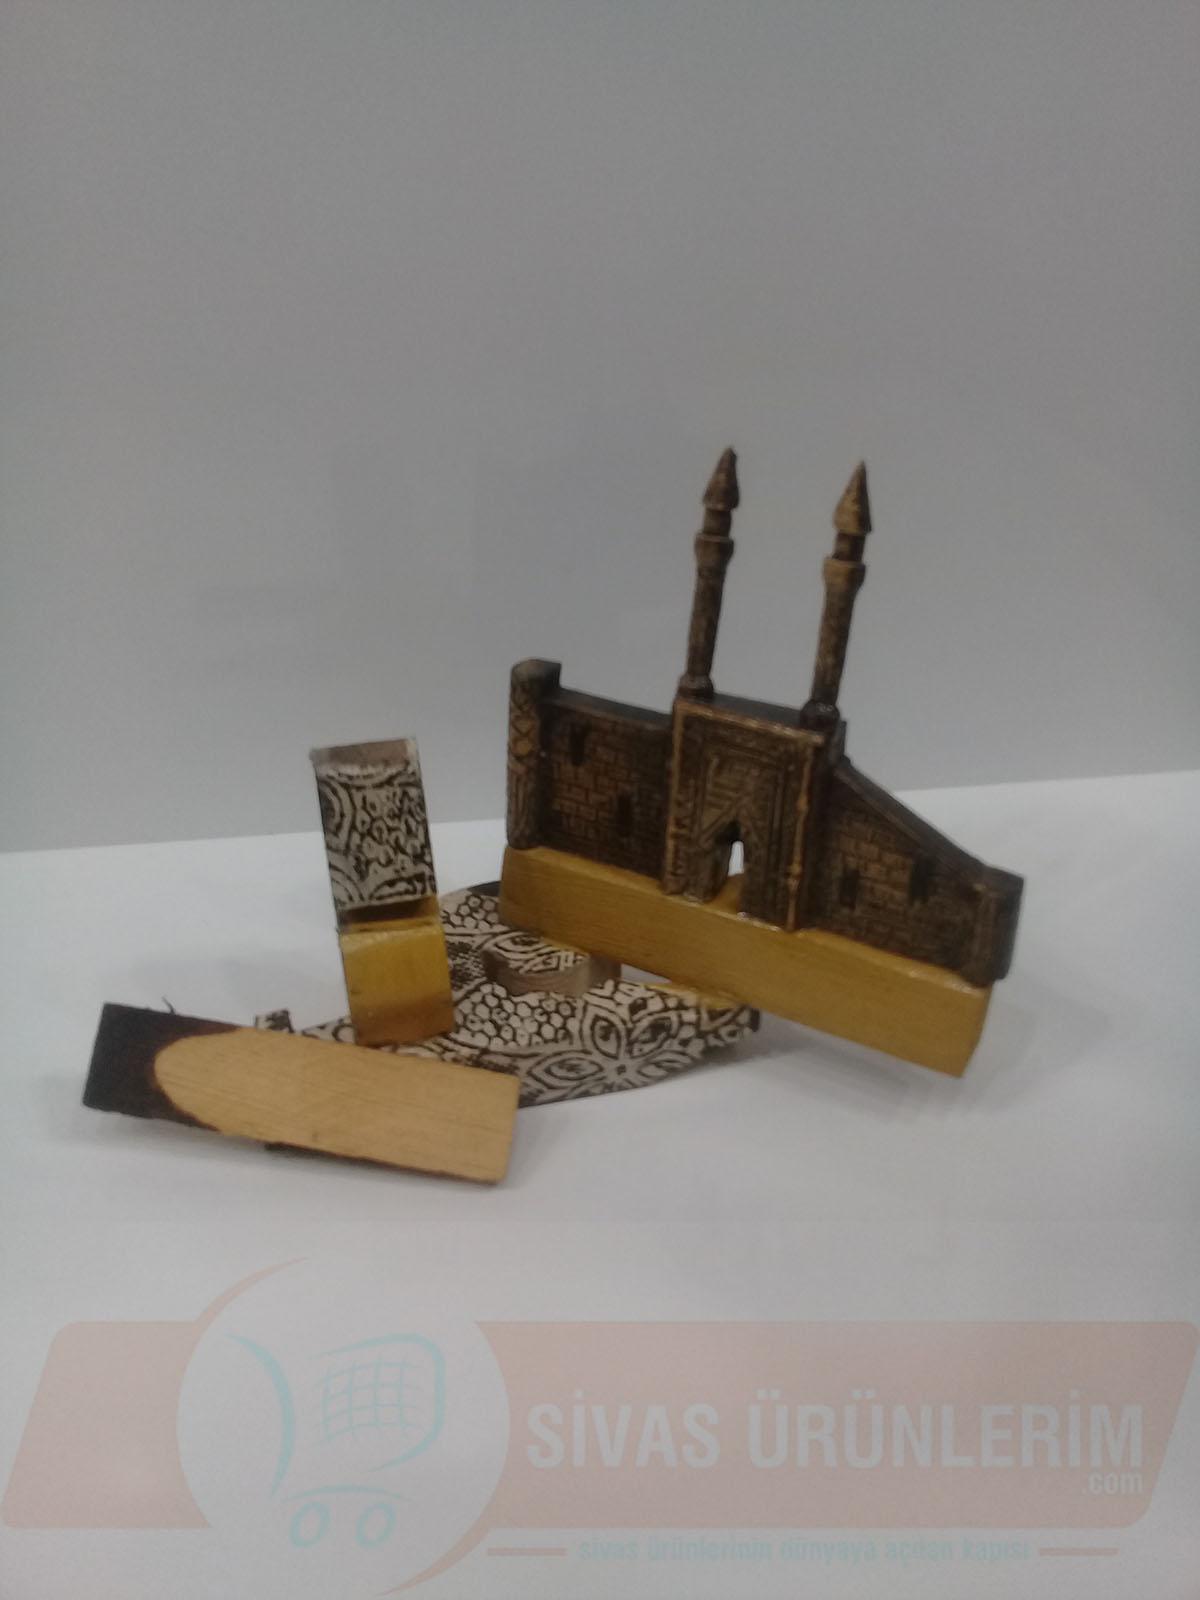 Küçük Çifte Minareli İsimlikli Kalemlik